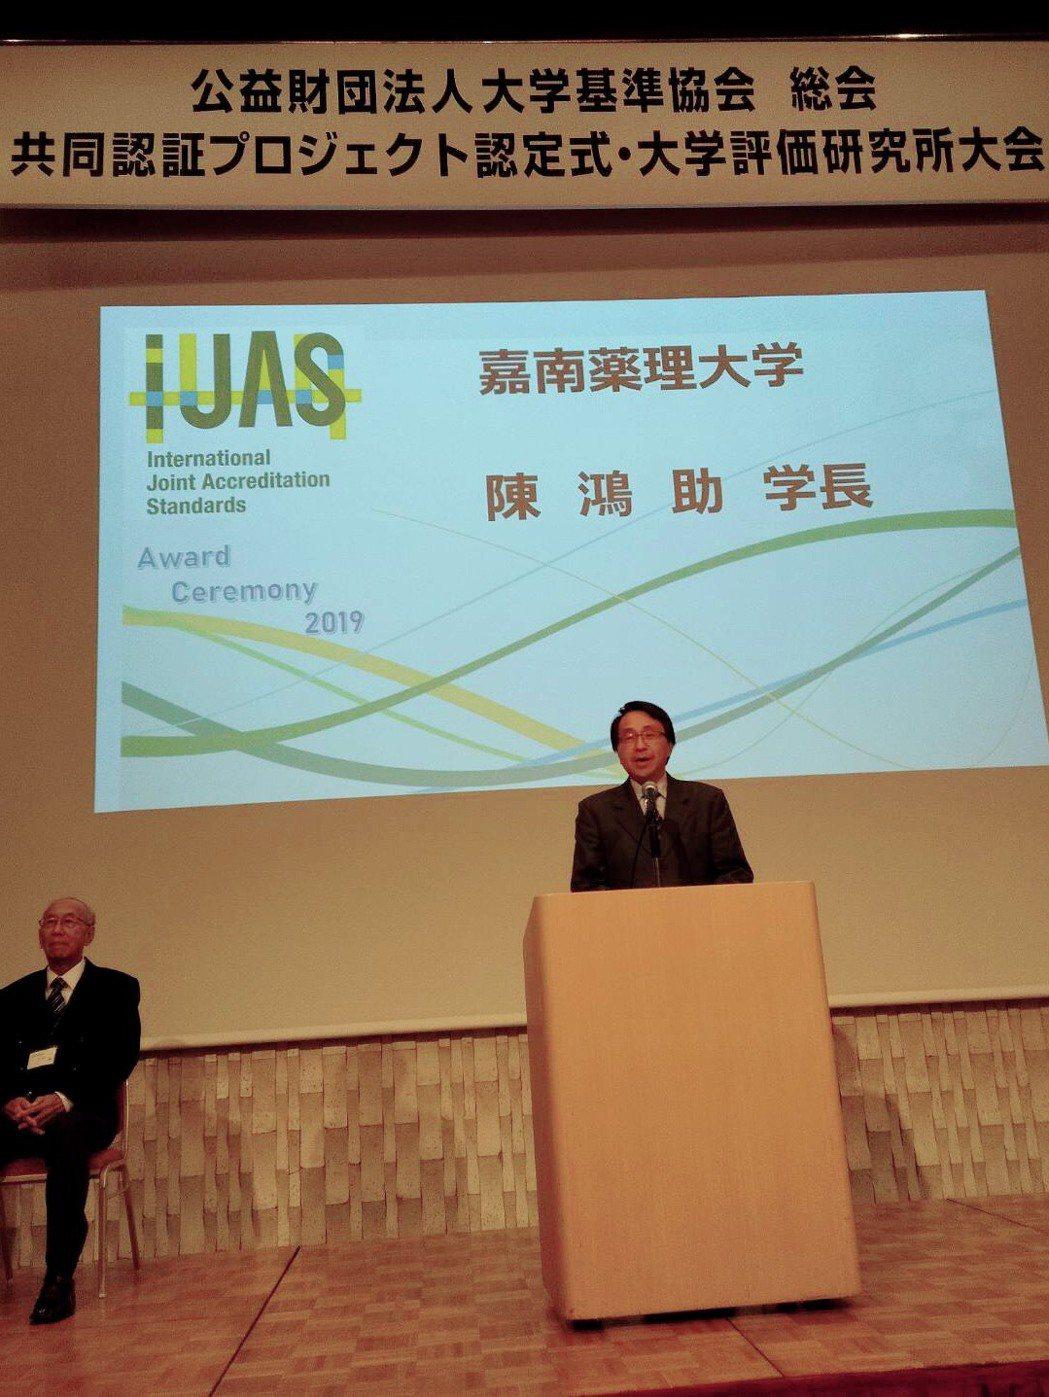 嘉藥校長陳鴻助於授證典禮致詞,並介紹學校。 嘉藥/提供